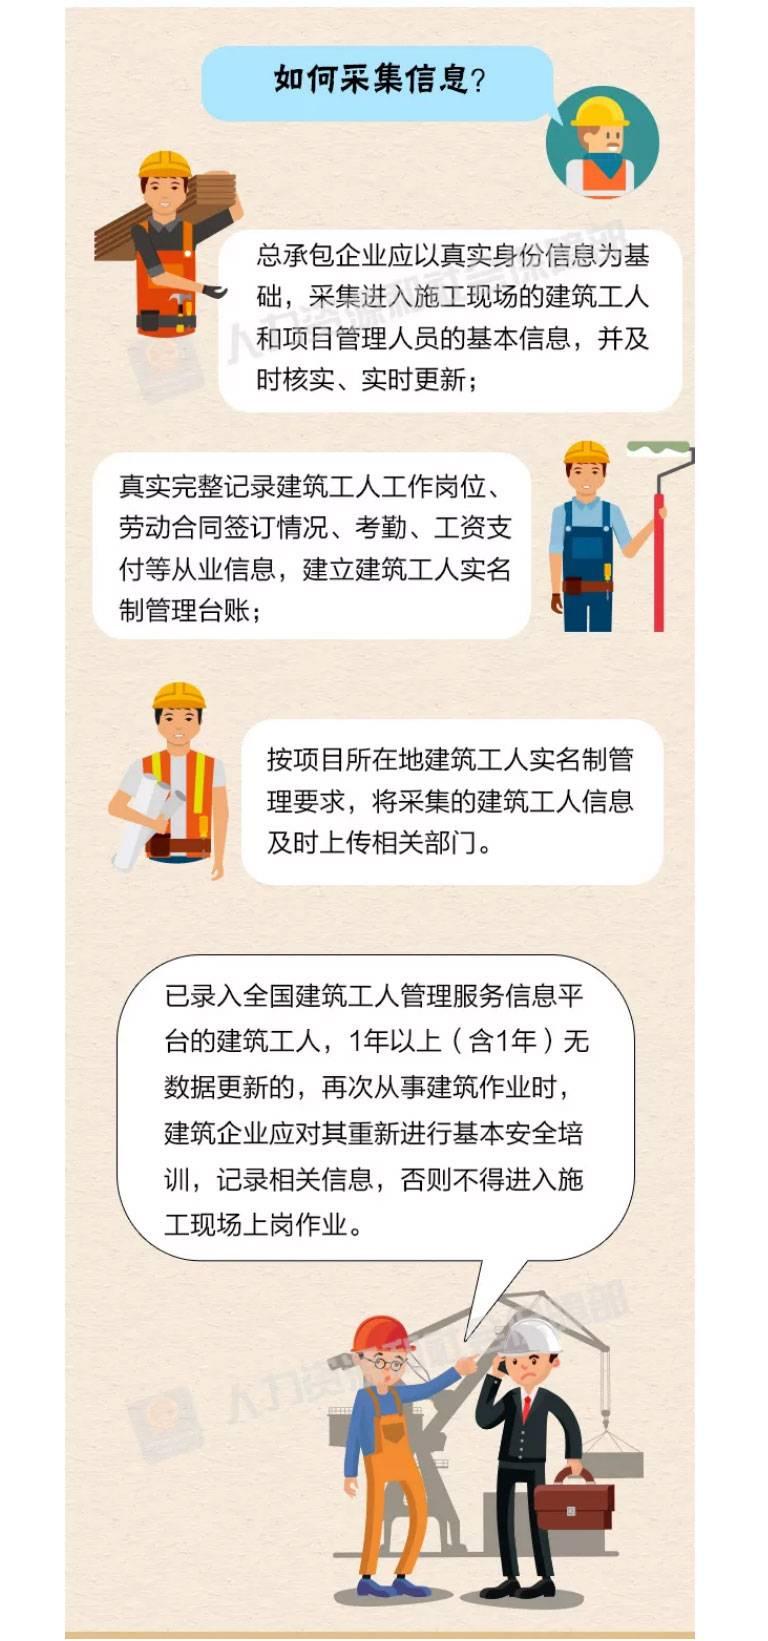 江苏惠工数据科技有限公司